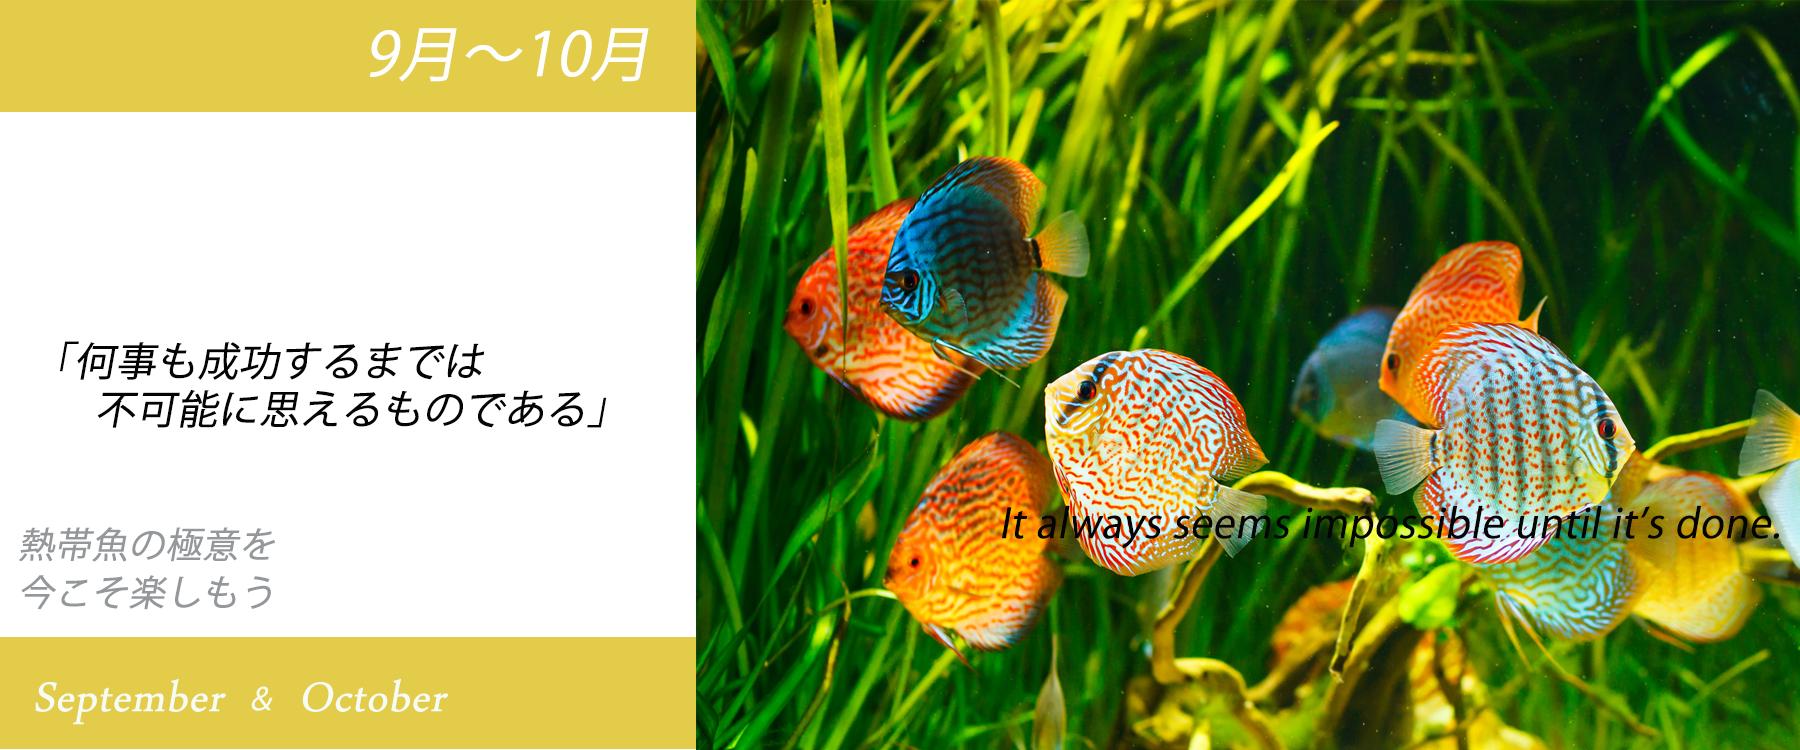 熱帯魚製品のセール